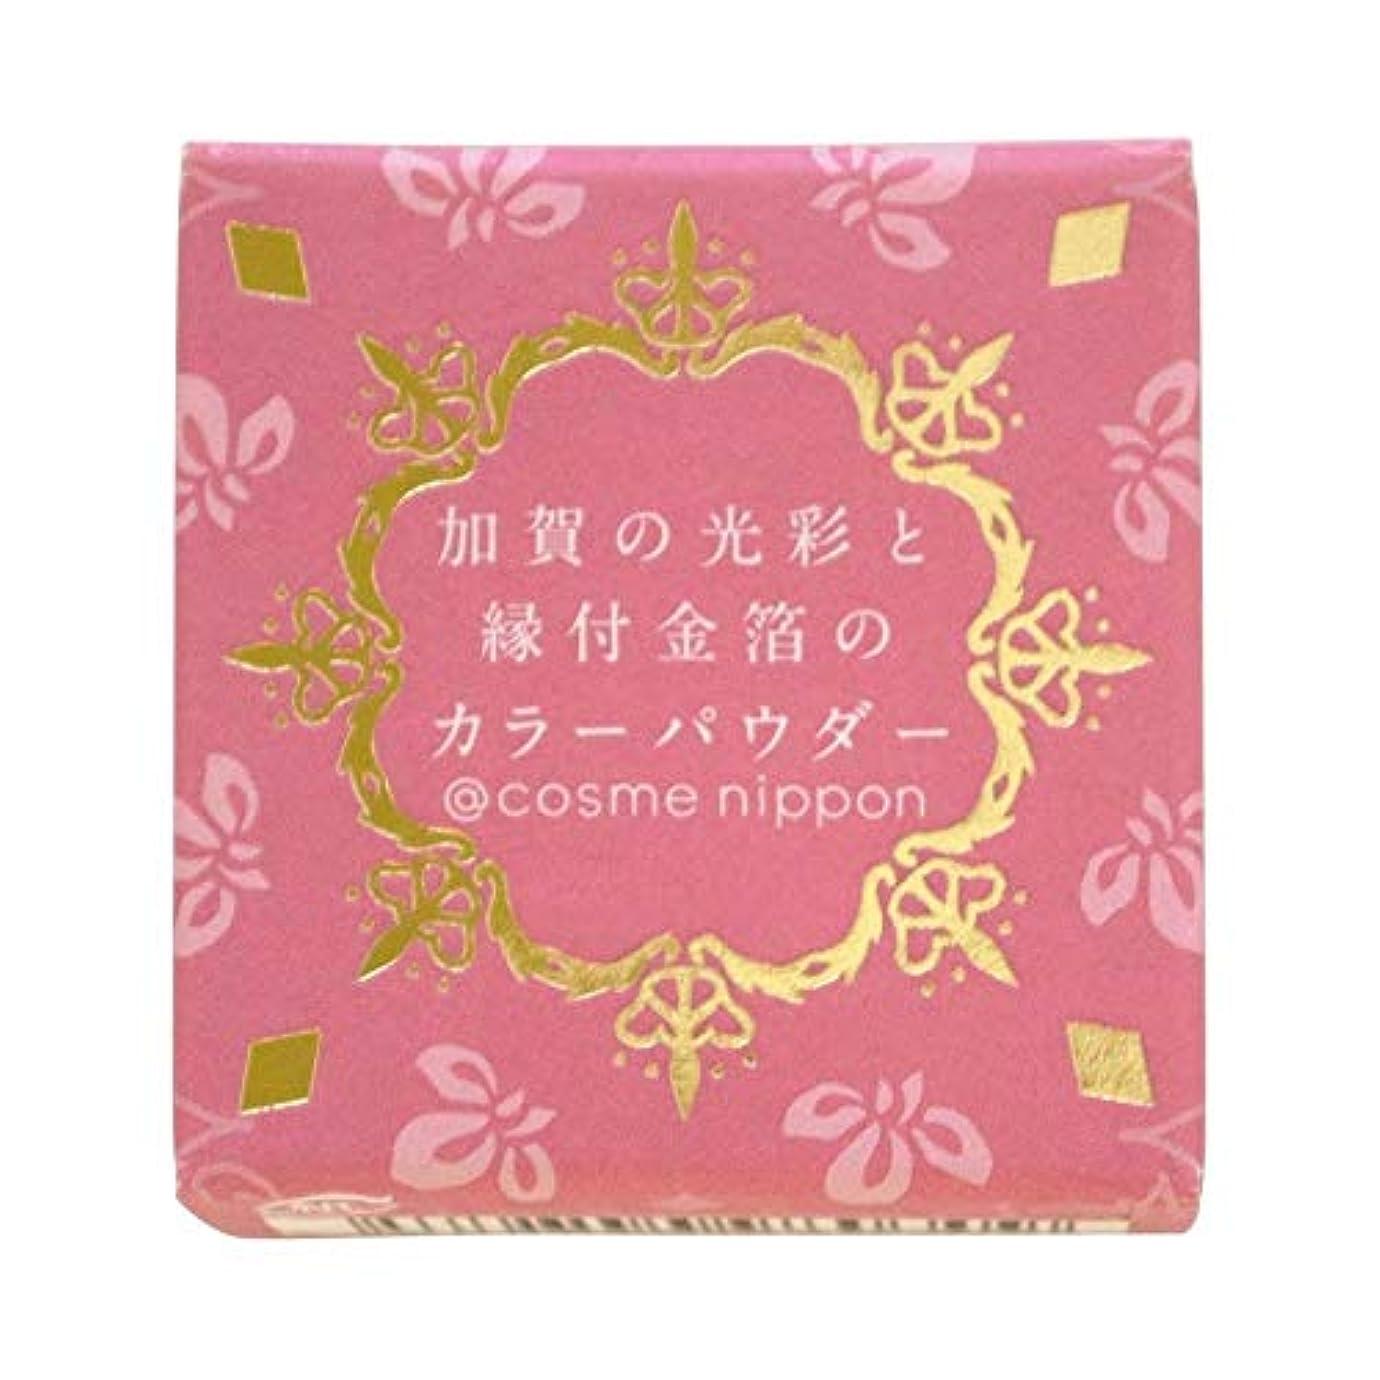 縞模様のくつろぐキャンパス友禅工芸 すずらん加賀の光彩と縁付け金箔のカラーパウダー06古代紫こだいむらさき